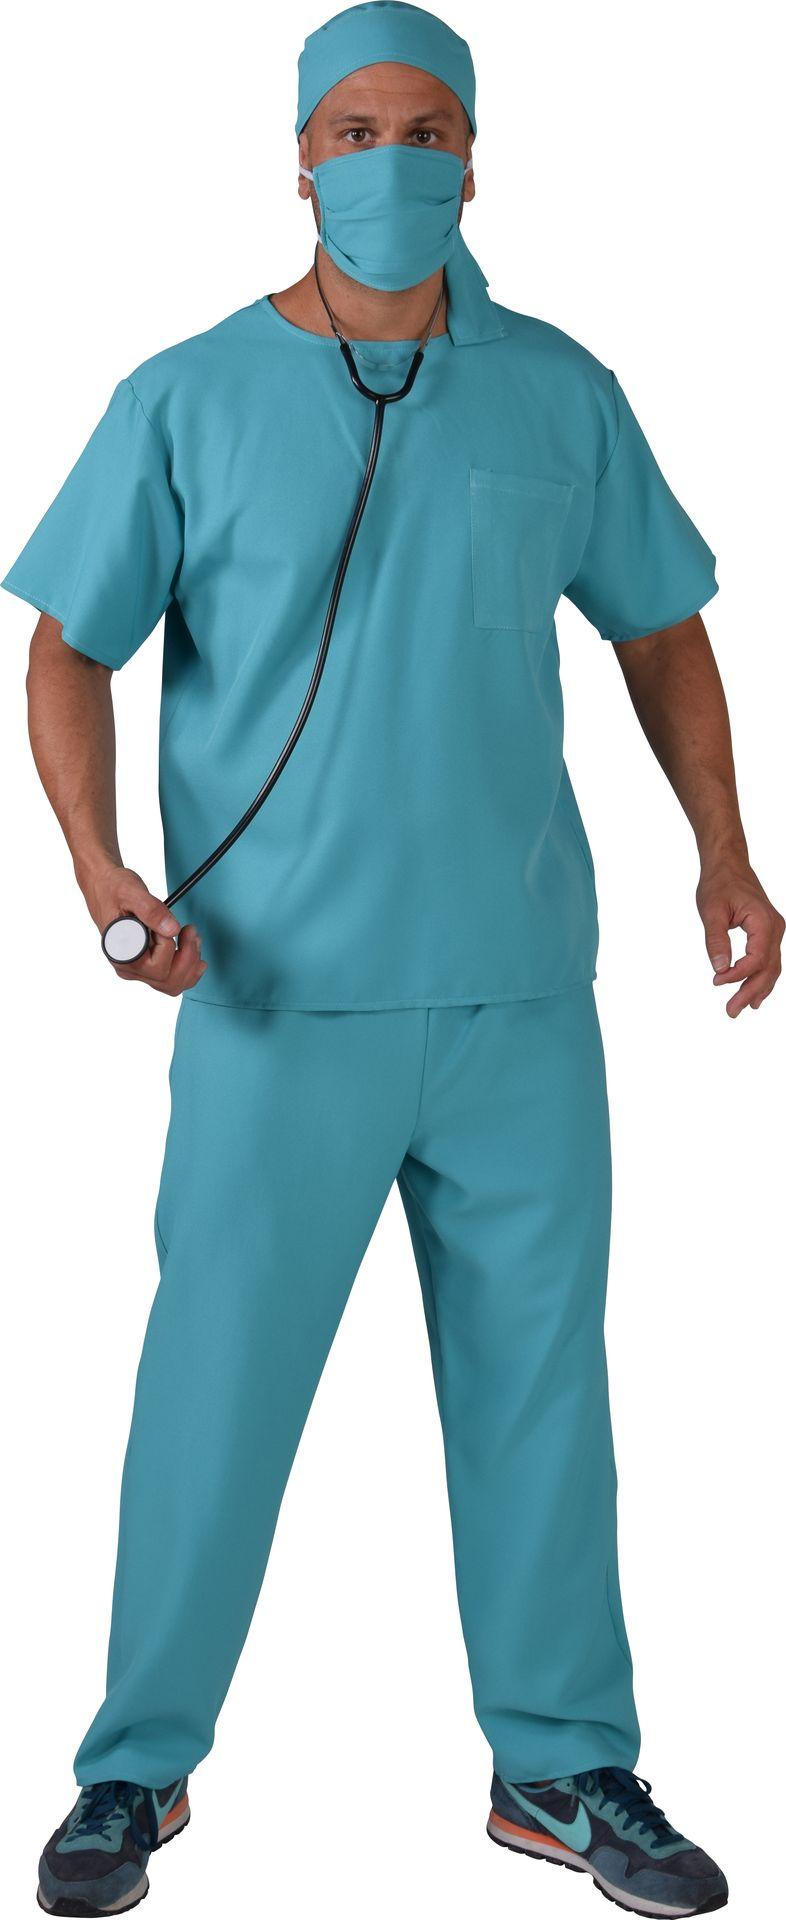 Blauw kostuum chirurg heren